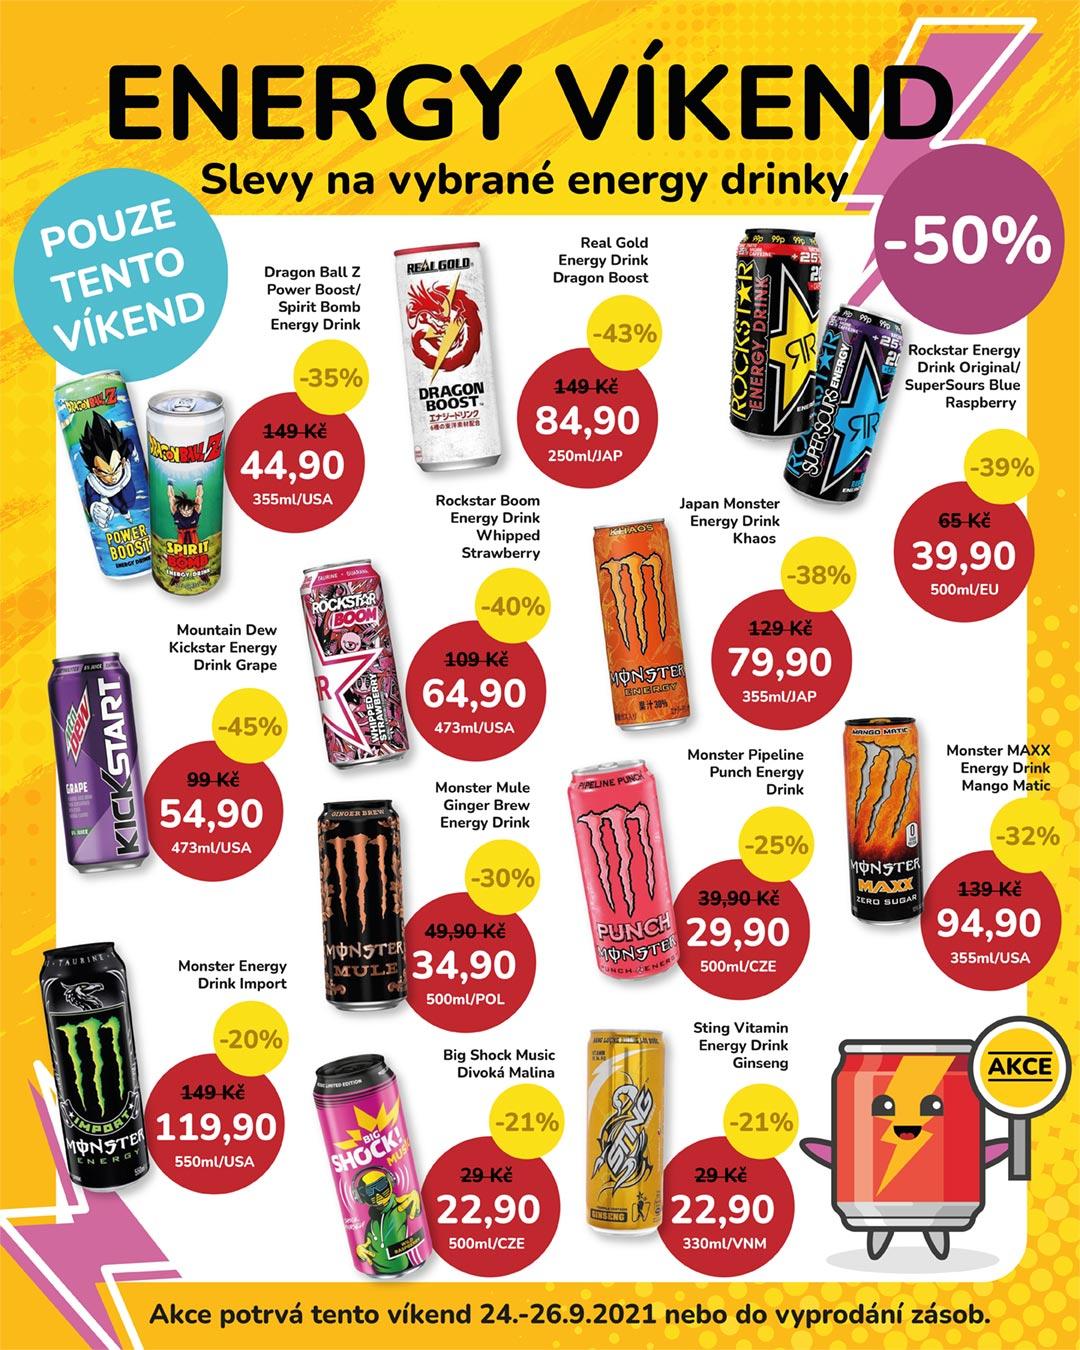 ENERGY VÍKEND: Slevy až -50% na vybrané Energy Drinky